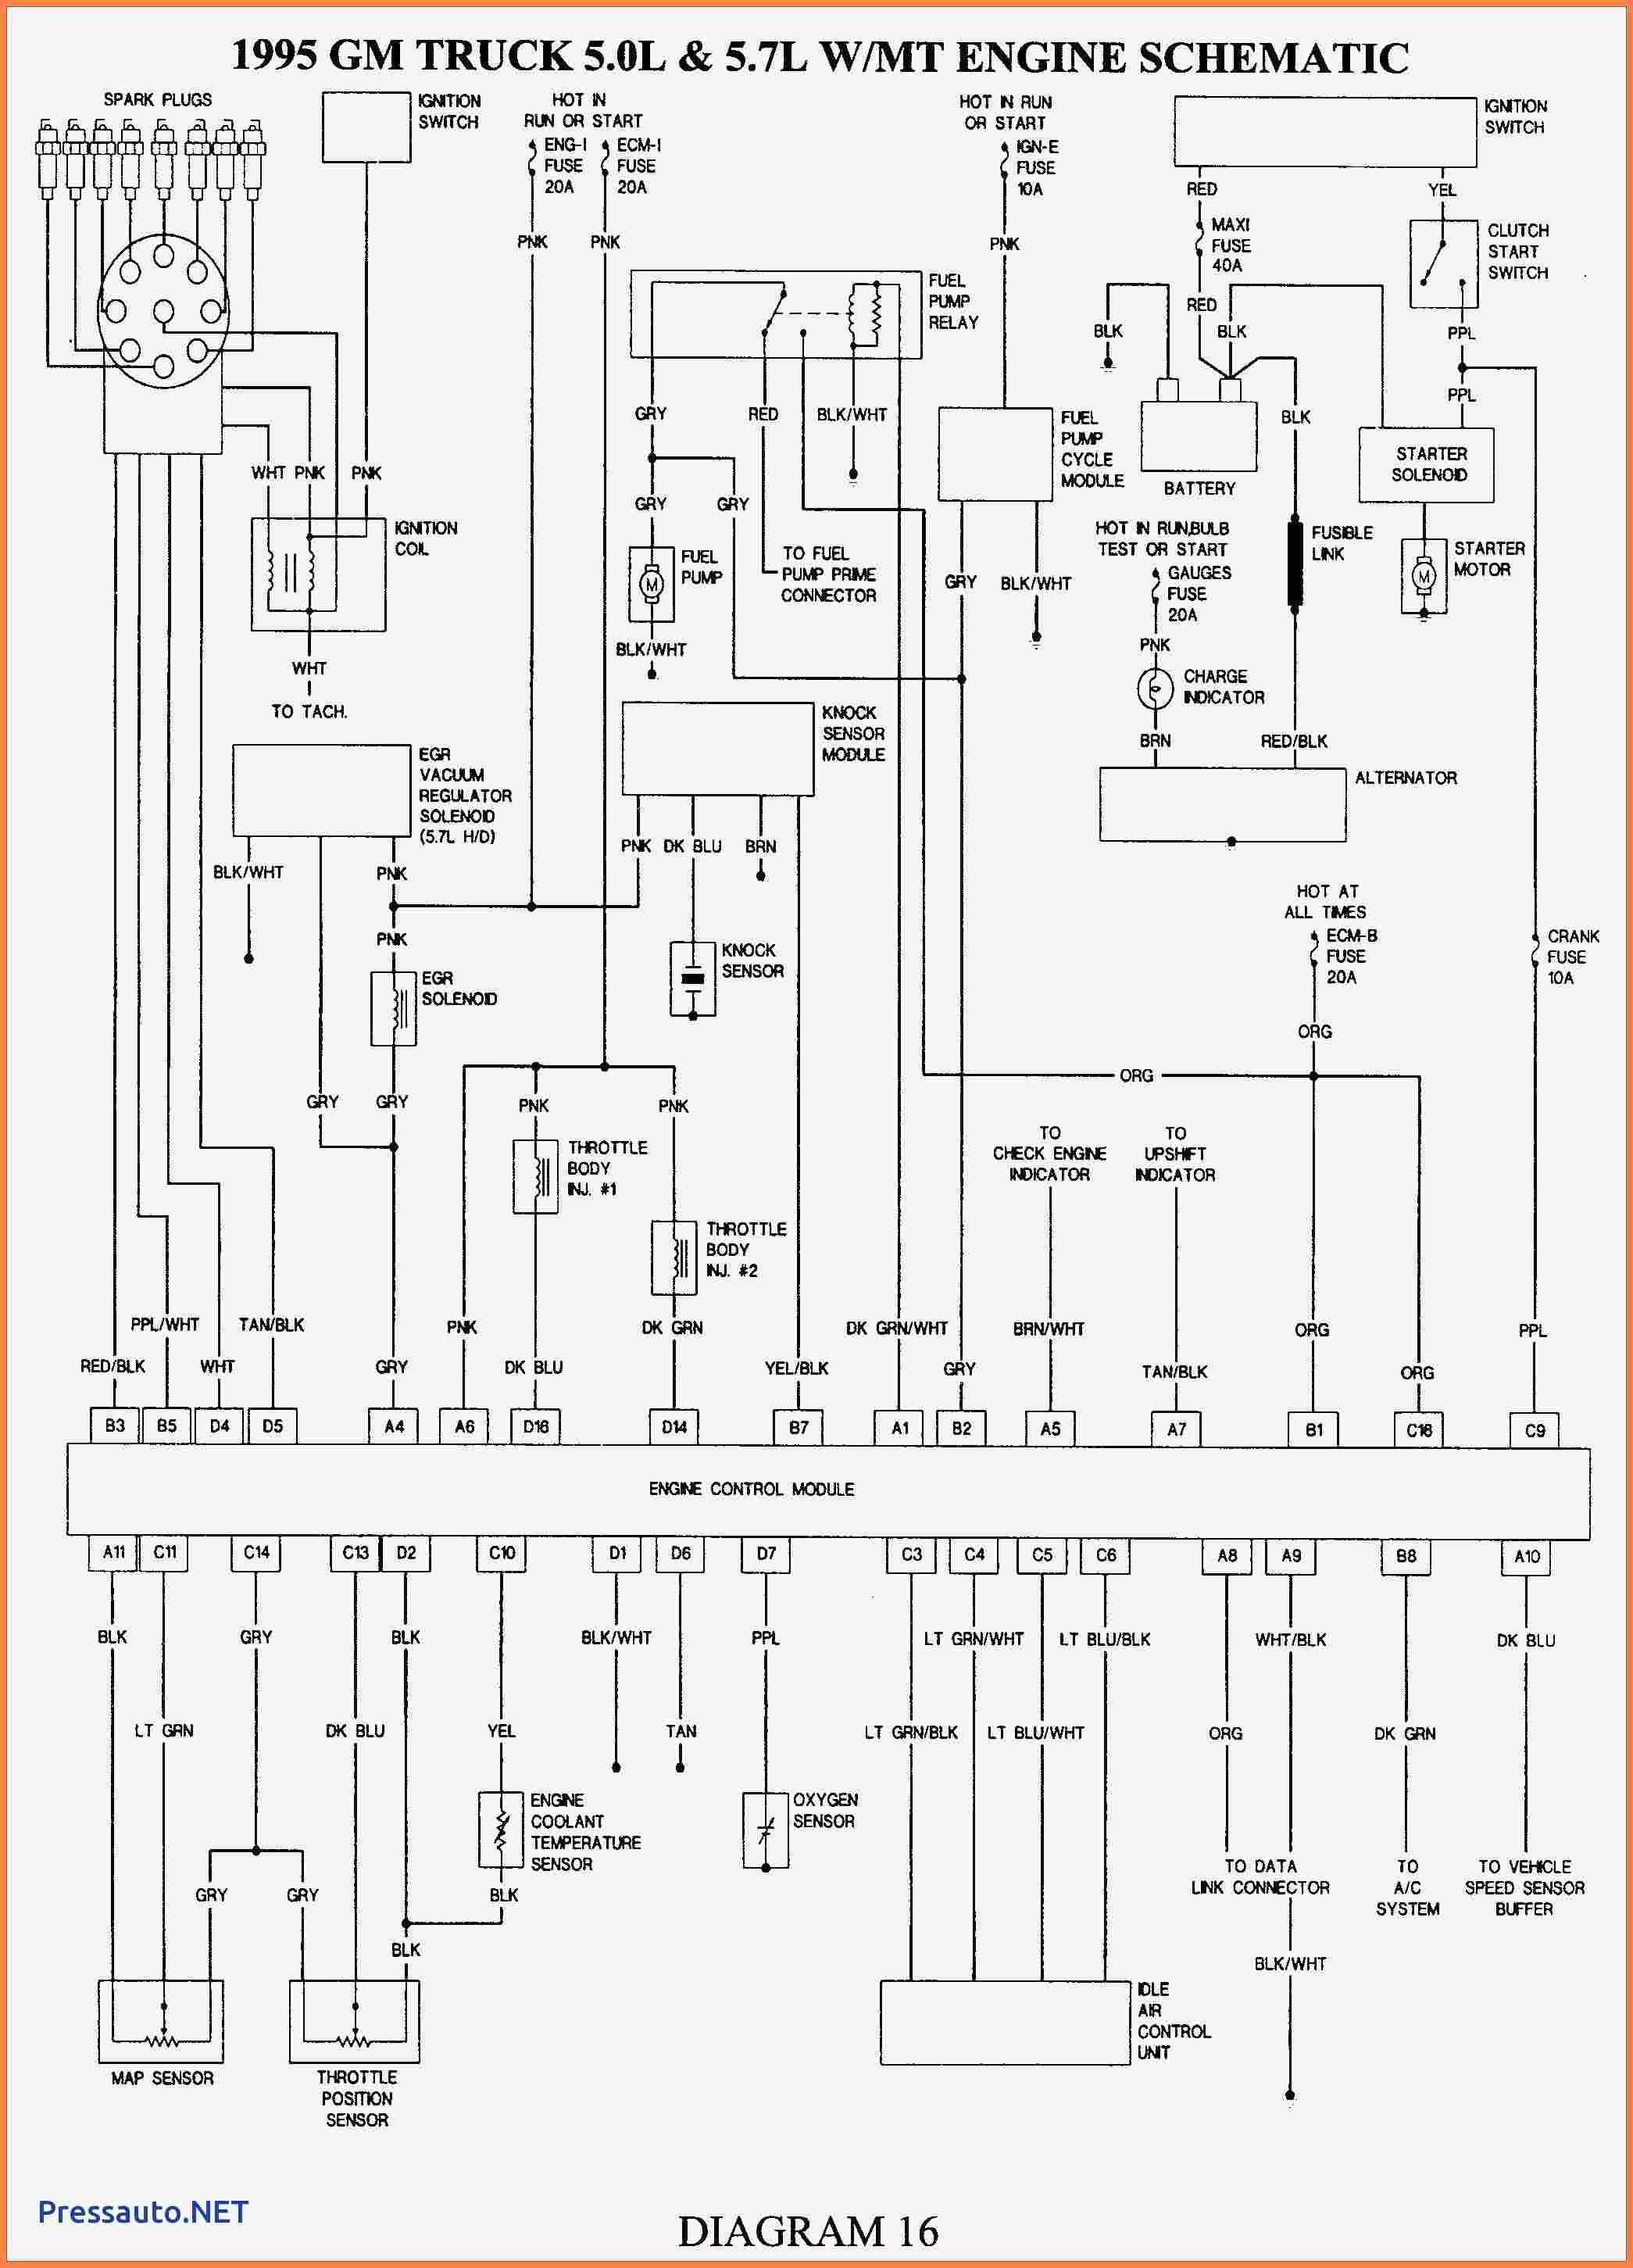 2003 Chevy Silverado Engine Diagram 2003 Chevy Silverado Engine Diagram Wiring Diagram Database